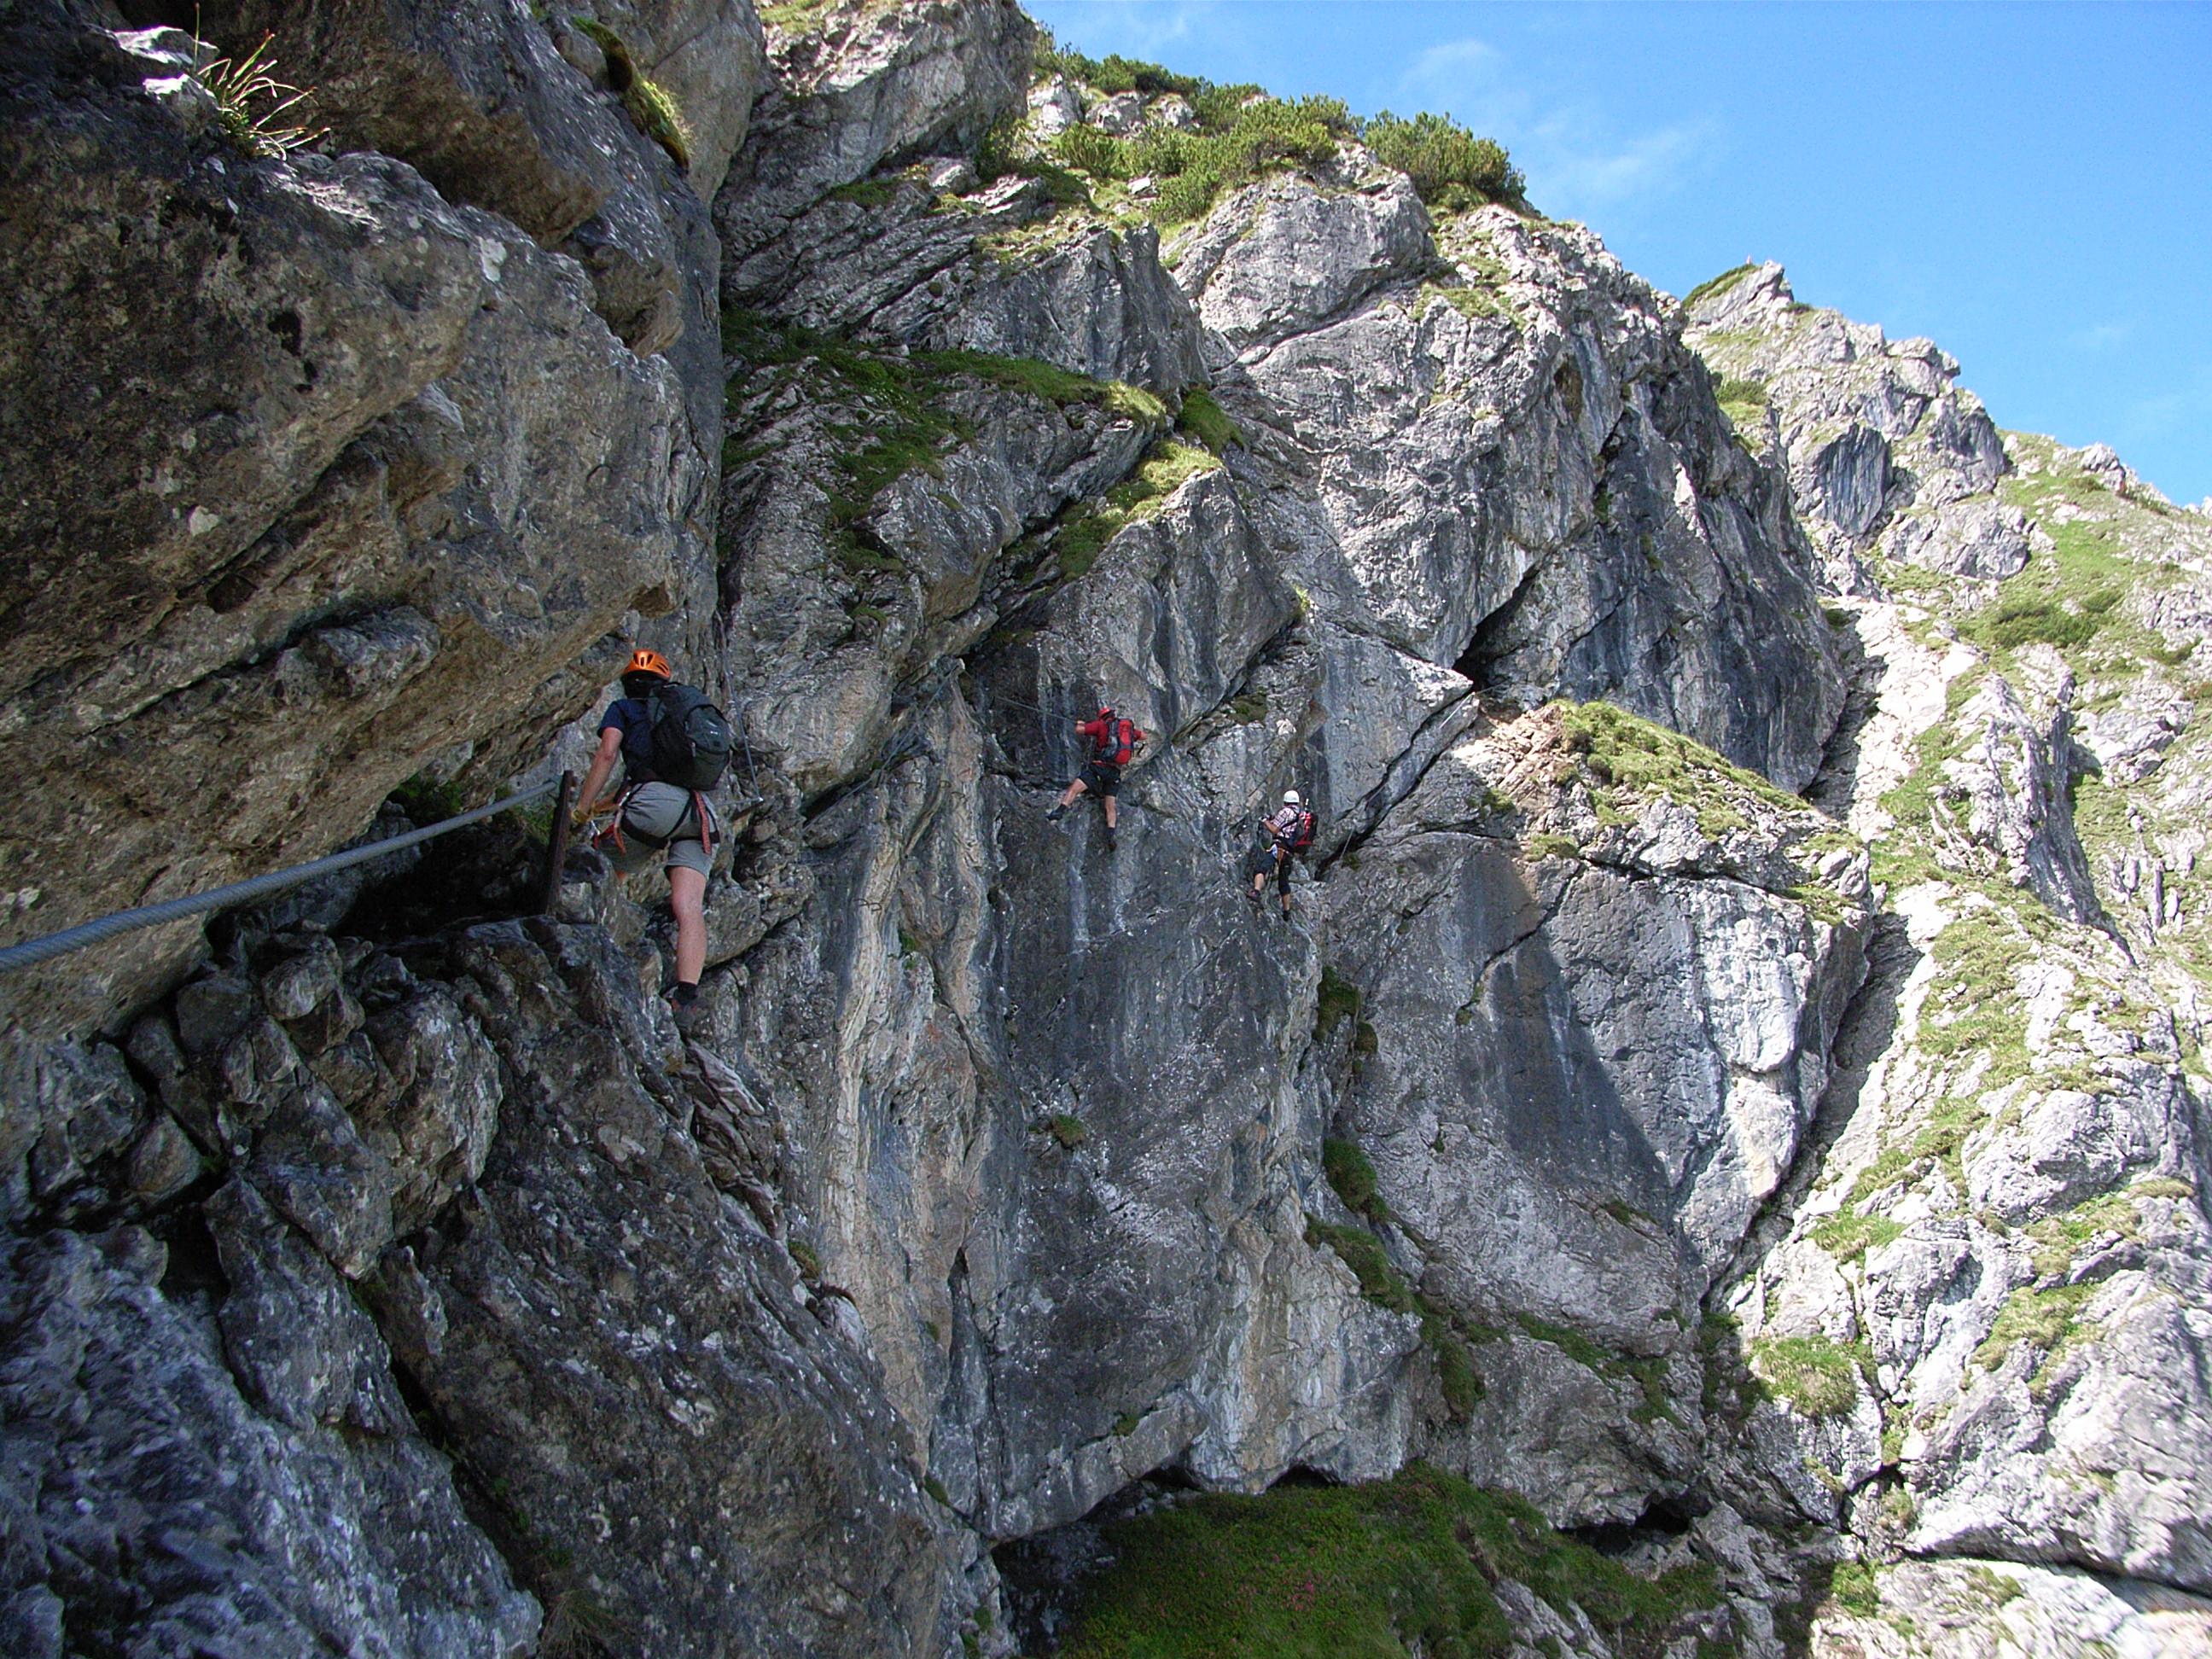 Klettersteig Kleinwalsertal : Die schönsten klettersteige im allgäu